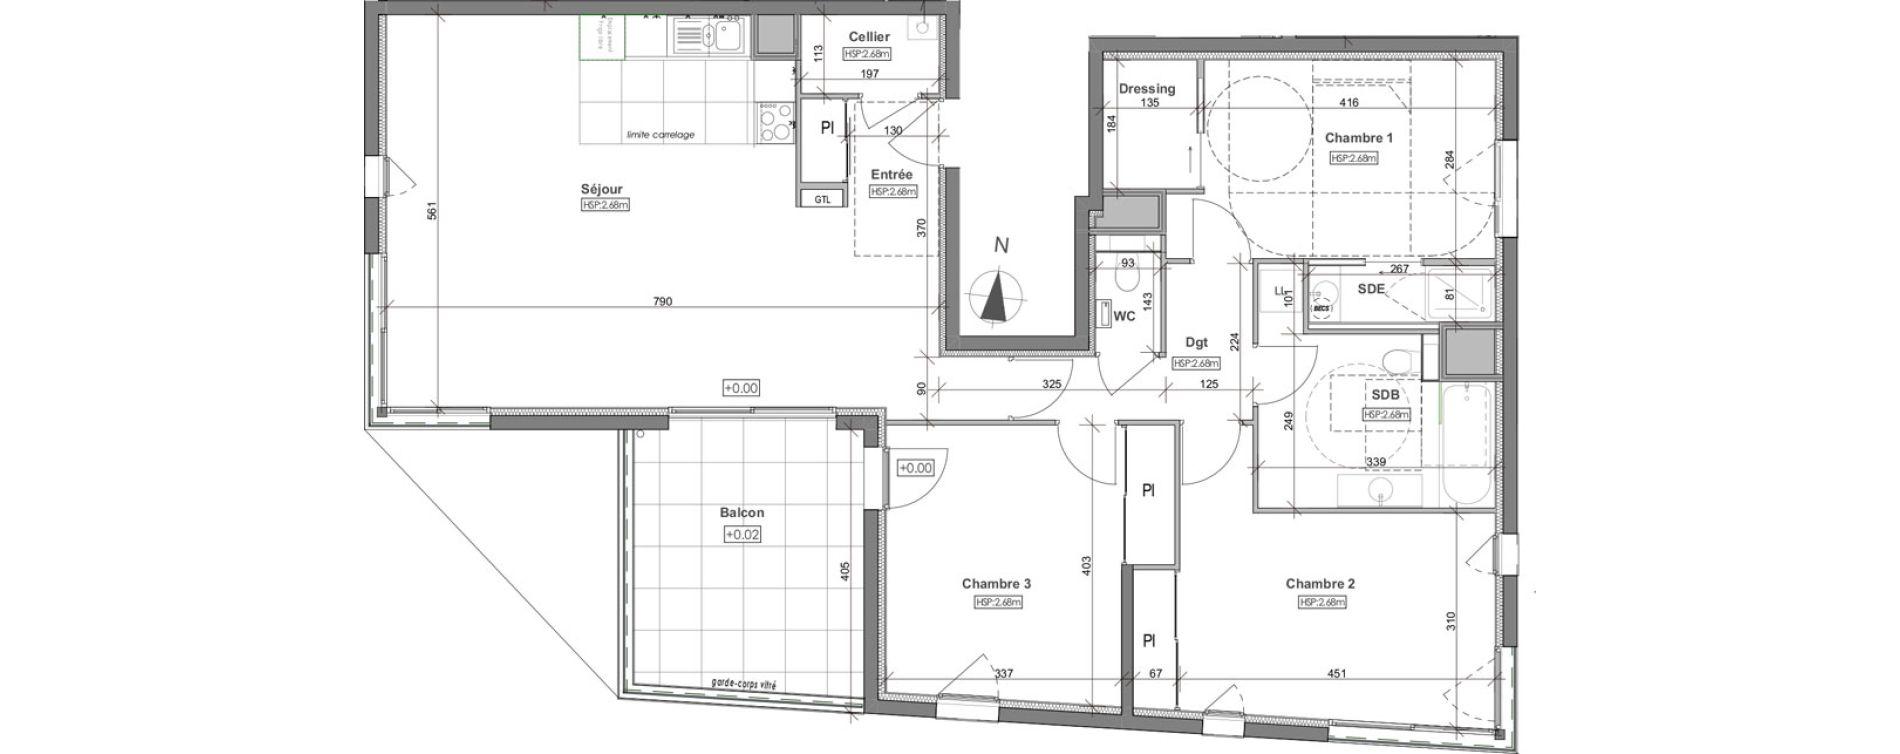 Appartement T4 de 106,62 m2 à Rennes Arsenal - redon